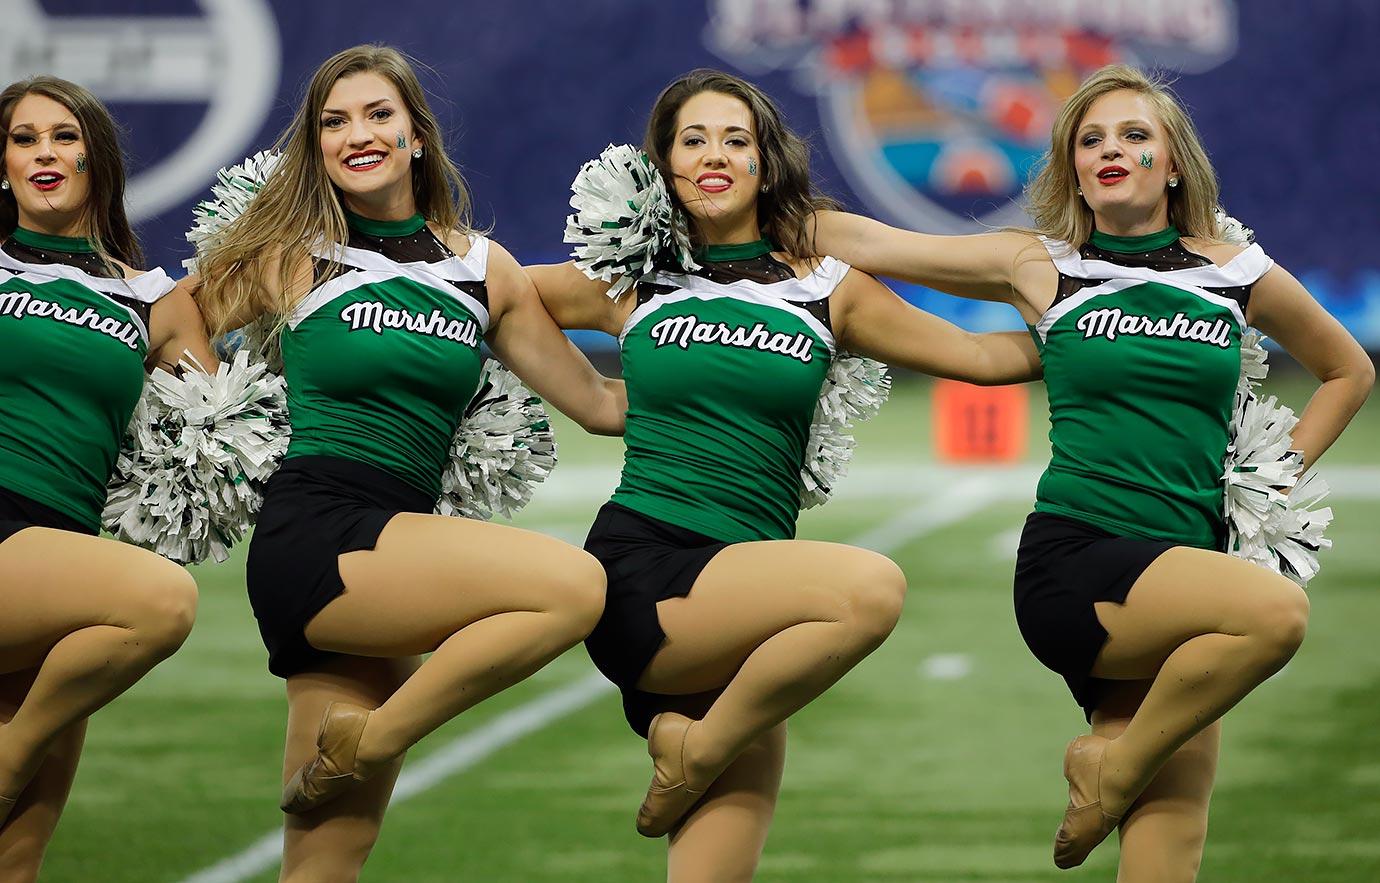 Marshall University Cheerleaders   NCA Nationals Showcase - YouTube